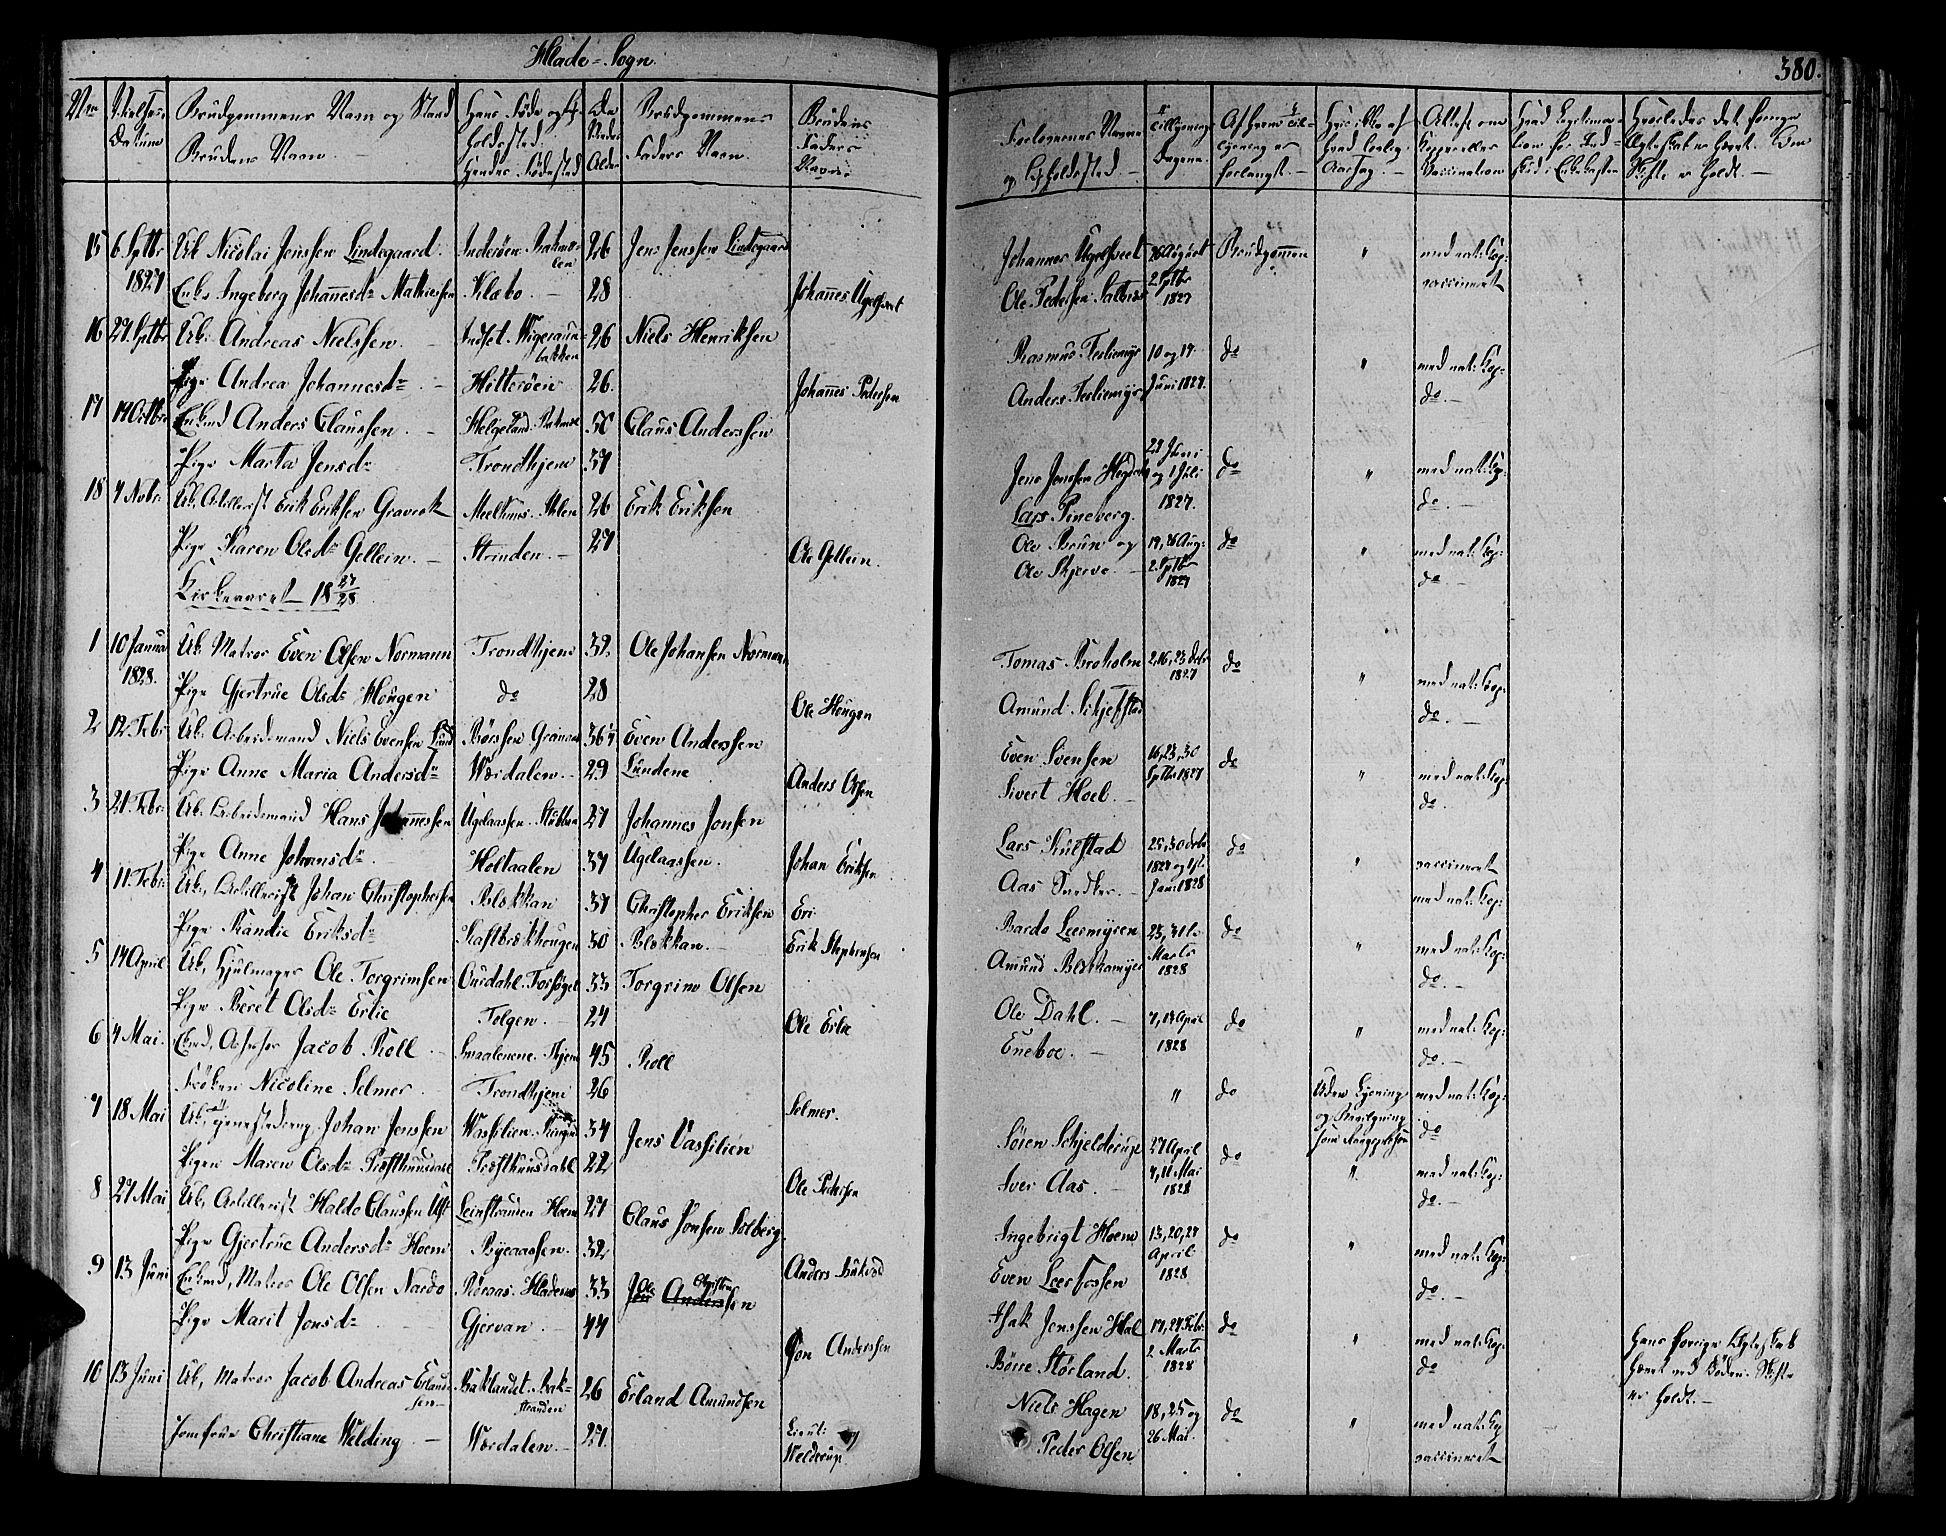 SAT, Ministerialprotokoller, klokkerbøker og fødselsregistre - Sør-Trøndelag, 606/L0286: Ministerialbok nr. 606A04 /1, 1823-1840, s. 380